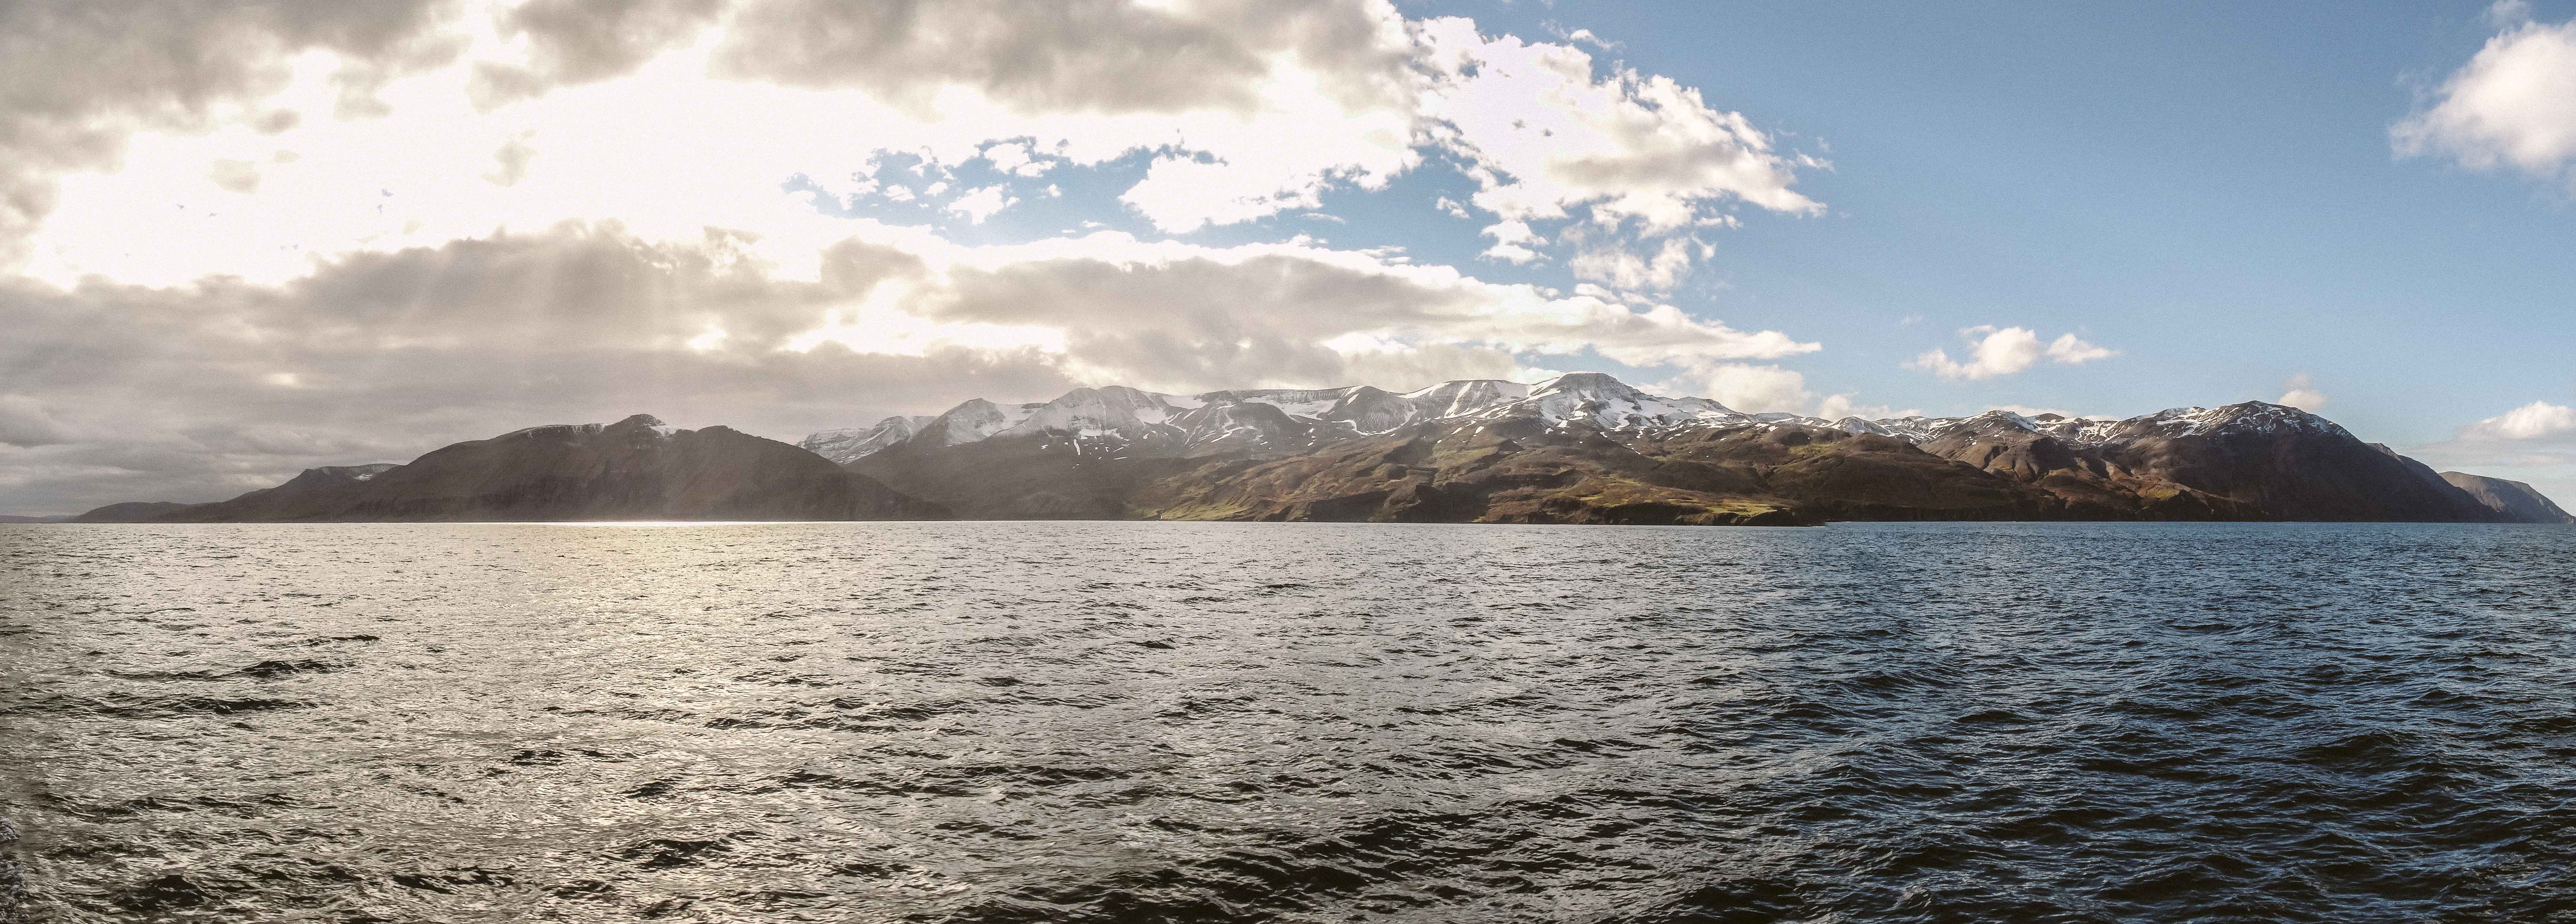 Husavik, Island